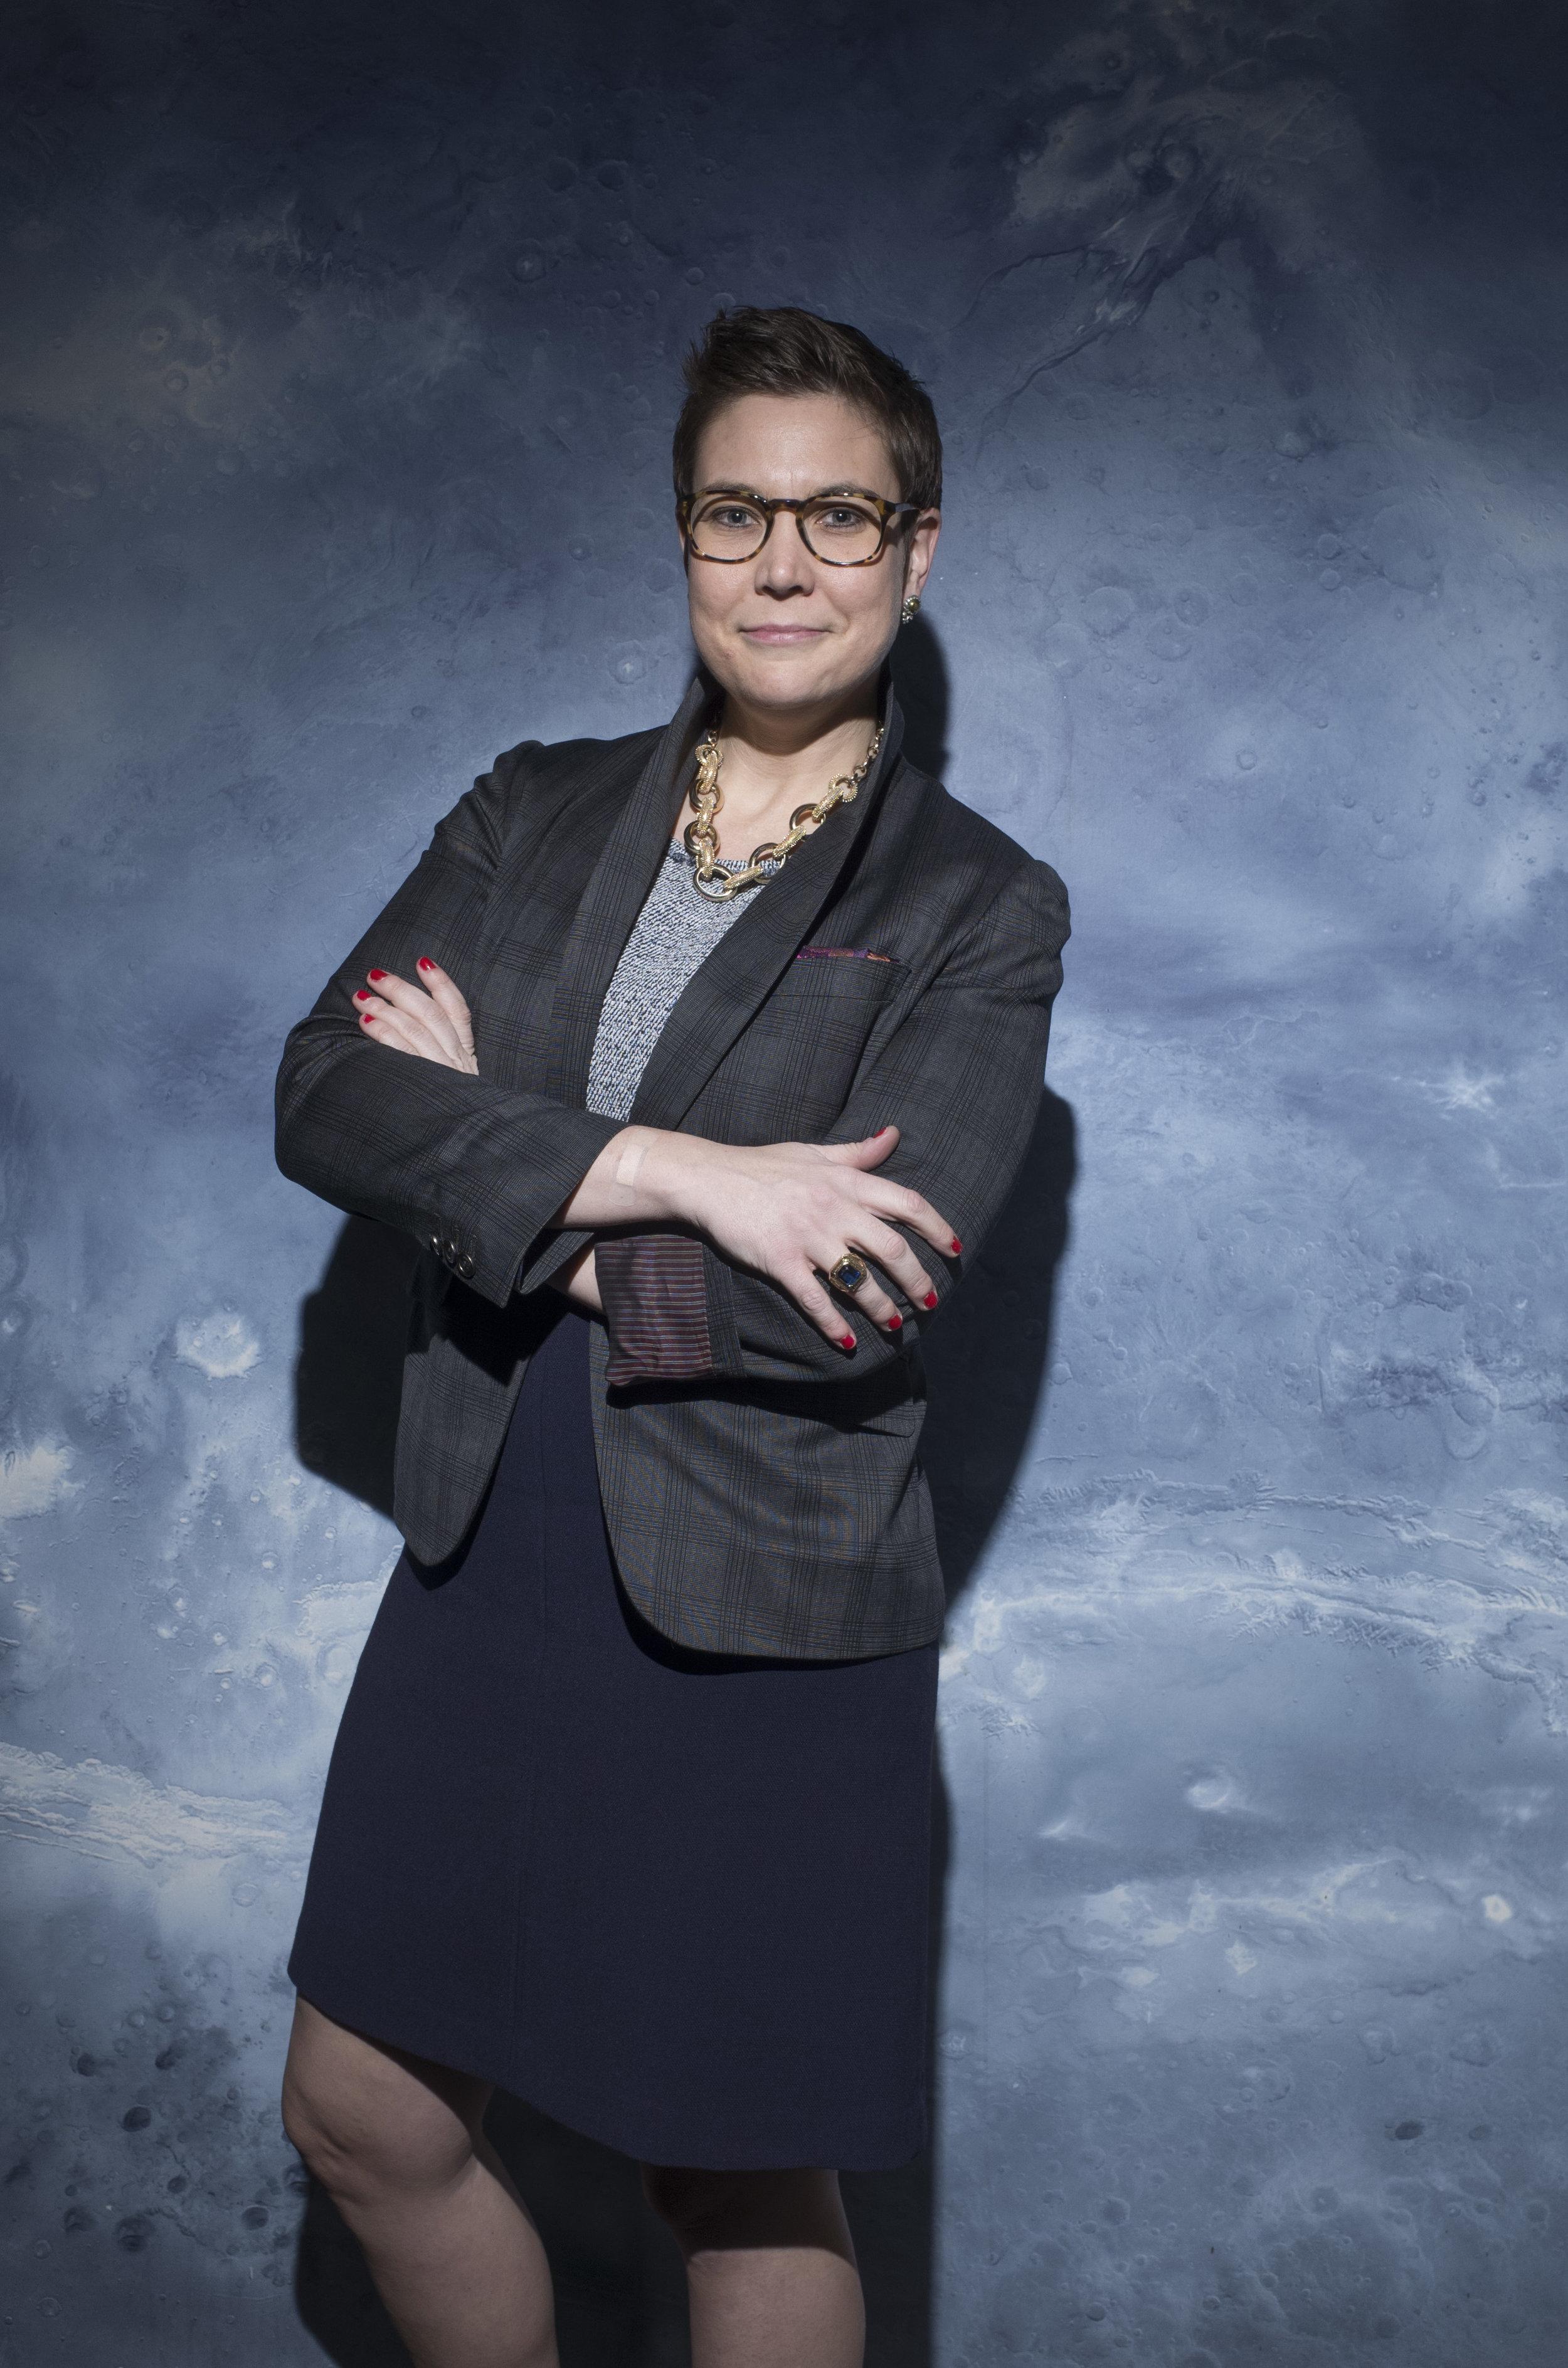 Sara McCook